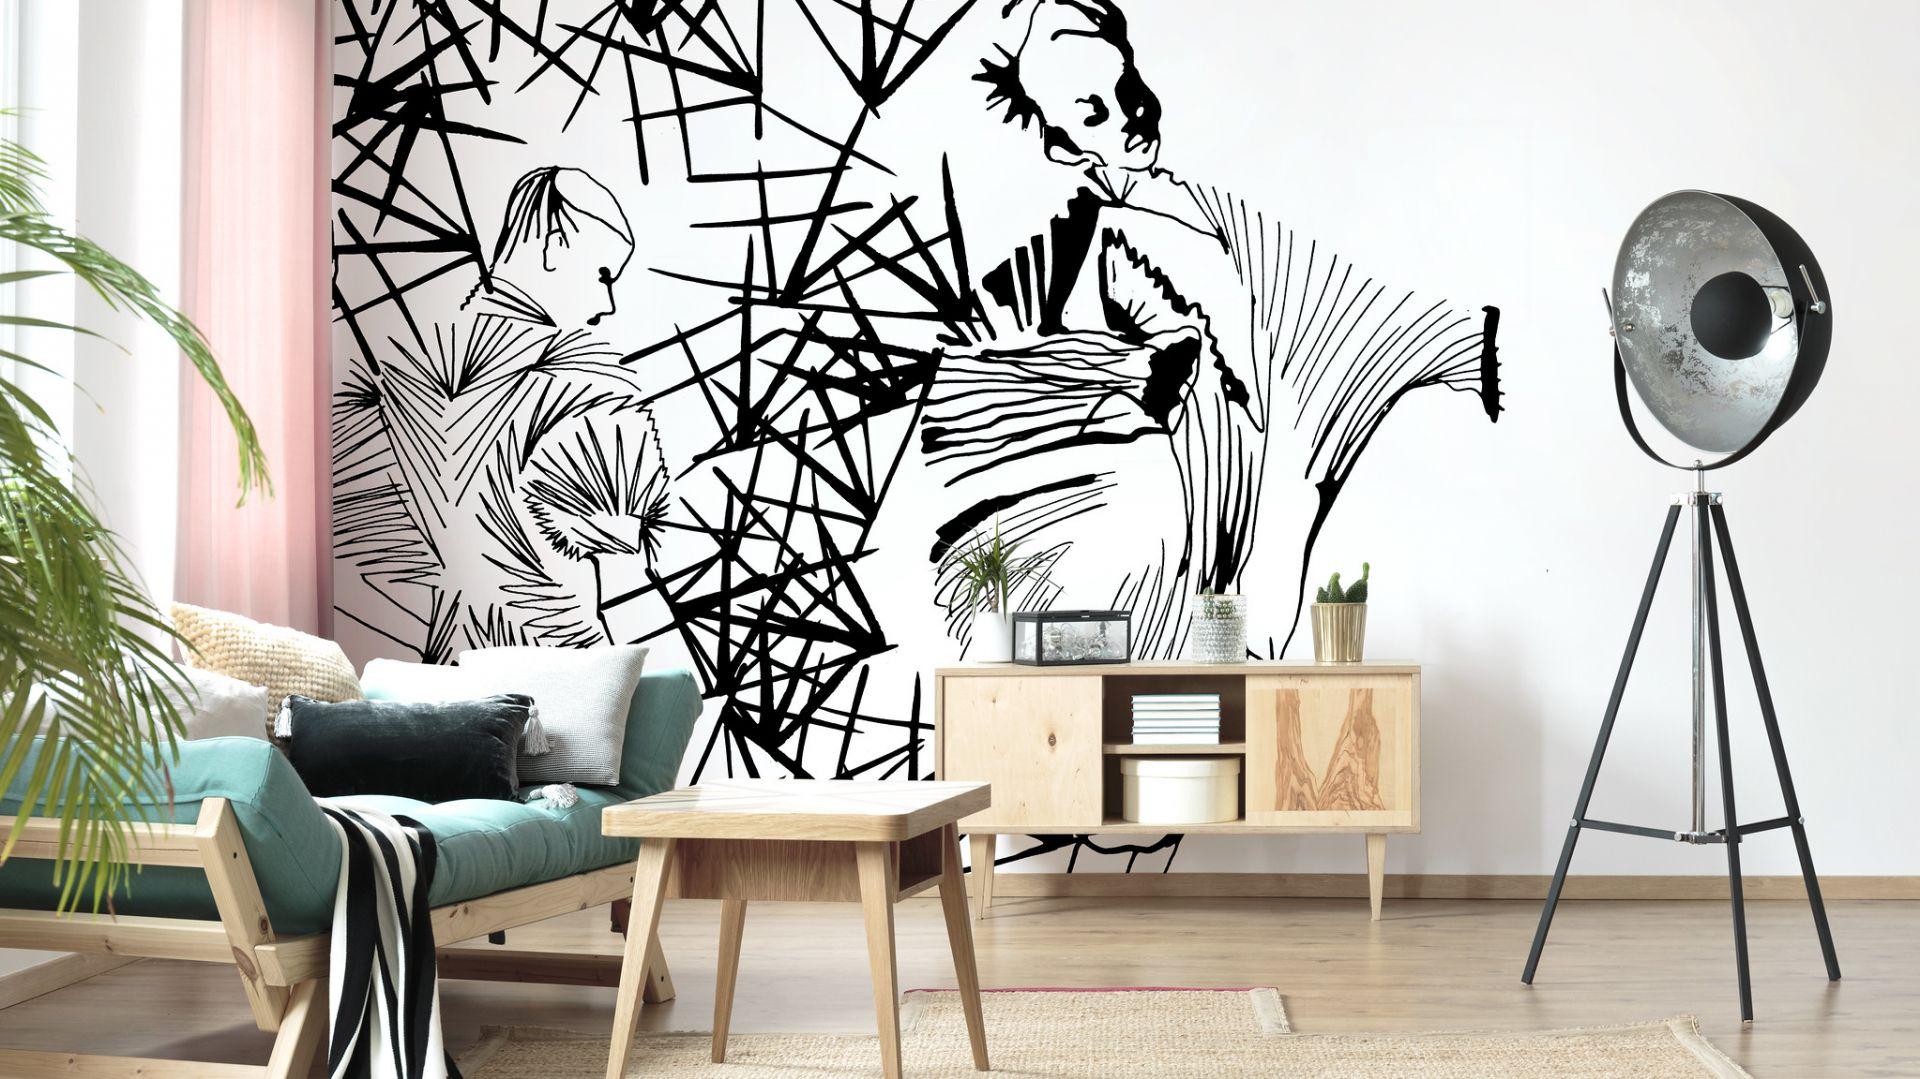 Nowoczesna tapeta inspirowana Japonią świetnie sprawdzi się na ścianie w jasnym salonie. Fot. Photowall